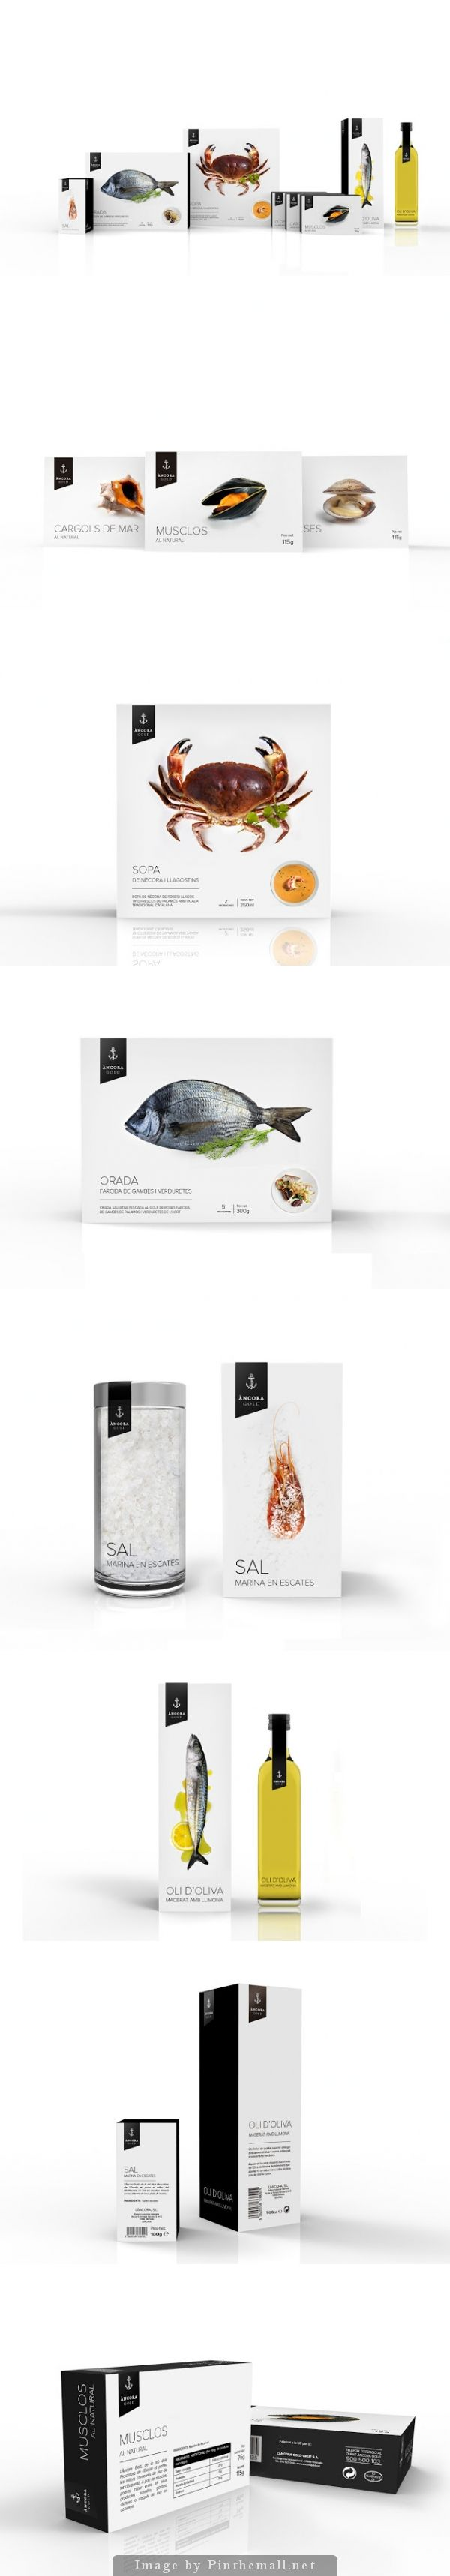 Très beau graphisme pour ce packaging - Àncora Gold (Student Project) PD